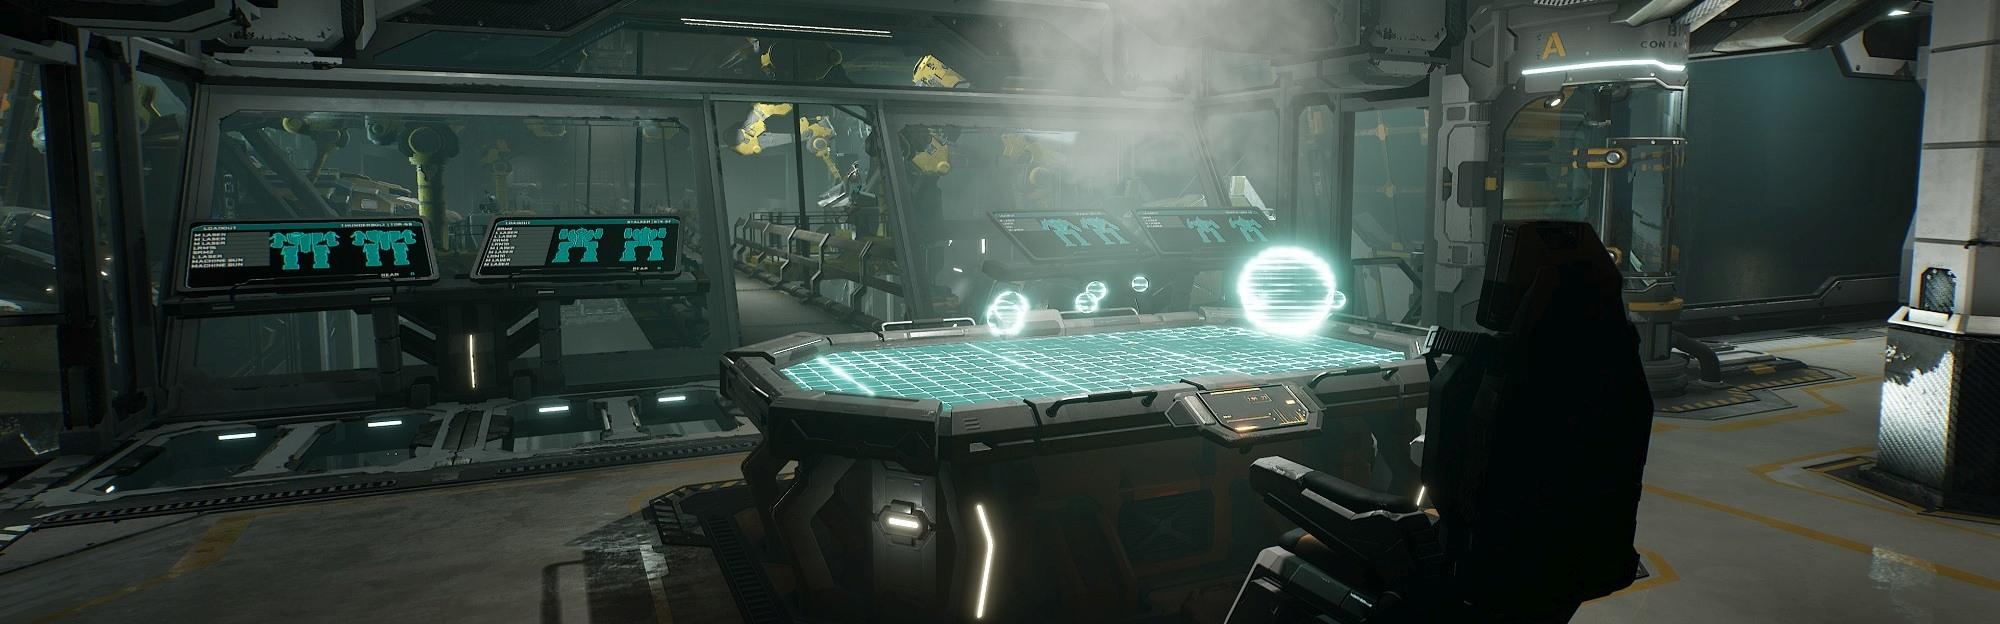 MechWarrior 5: Mercenaries Steam Key GLOBAL